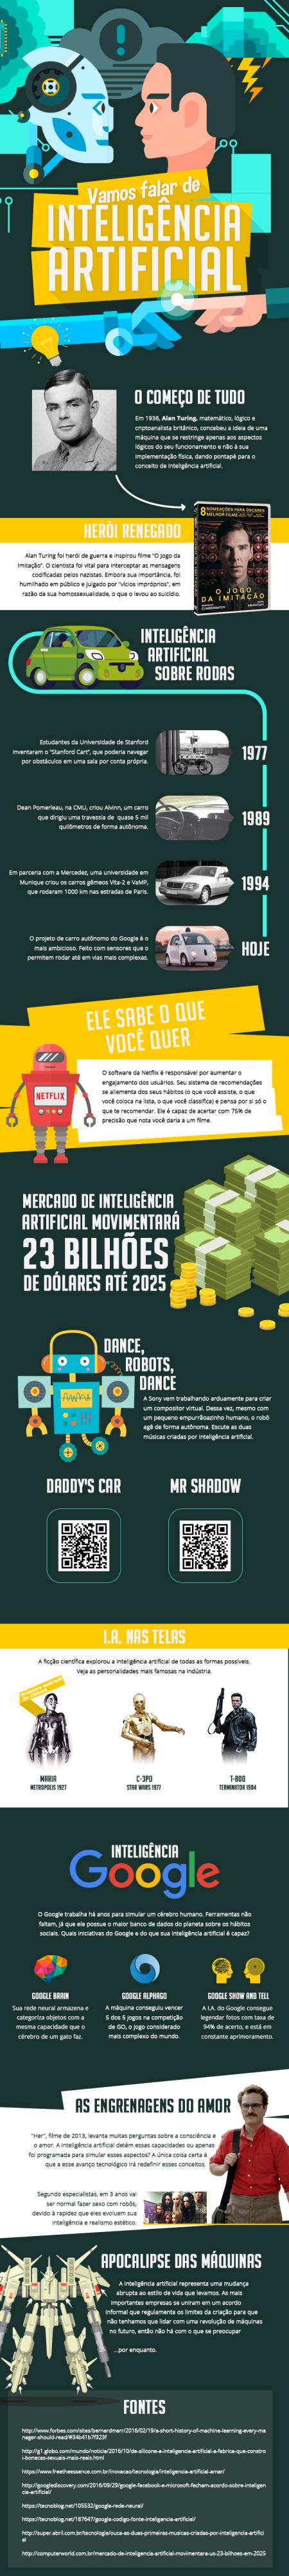 inteligencia artificial - Como instalar o jogo arcade Ri-li no Linux via Flatpak